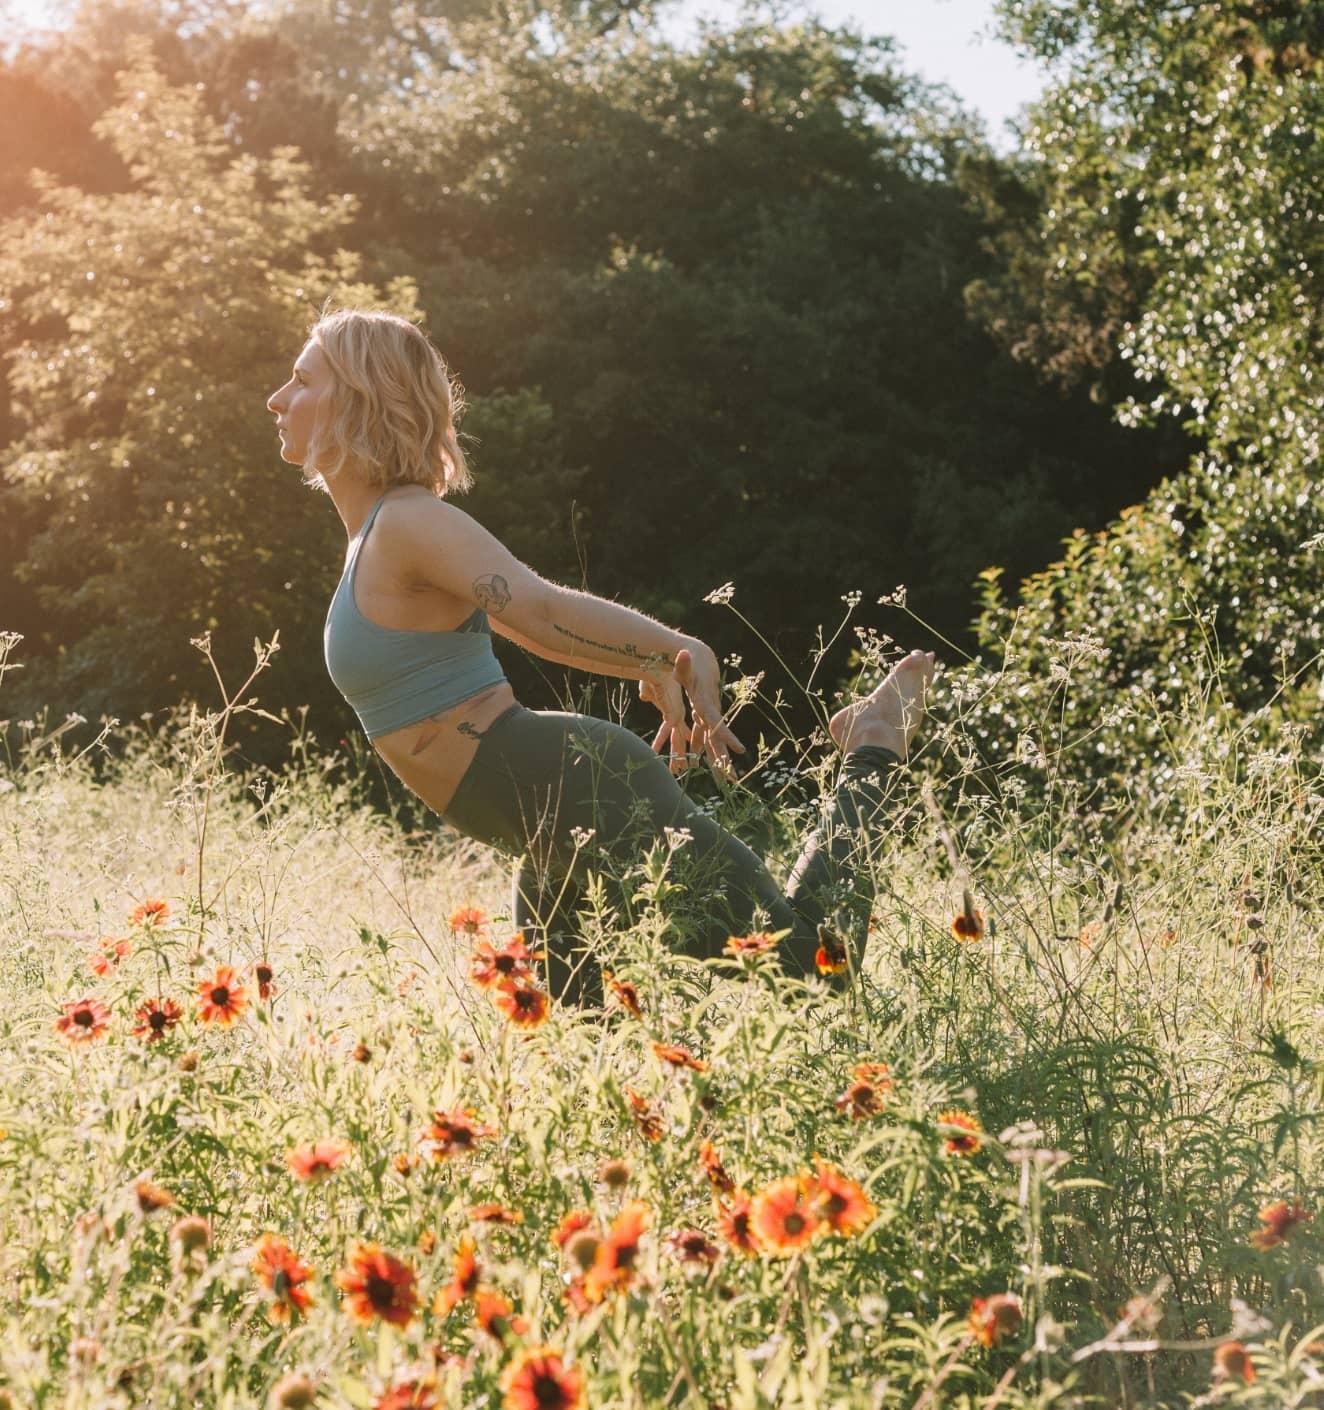 Francesca in a yoga post